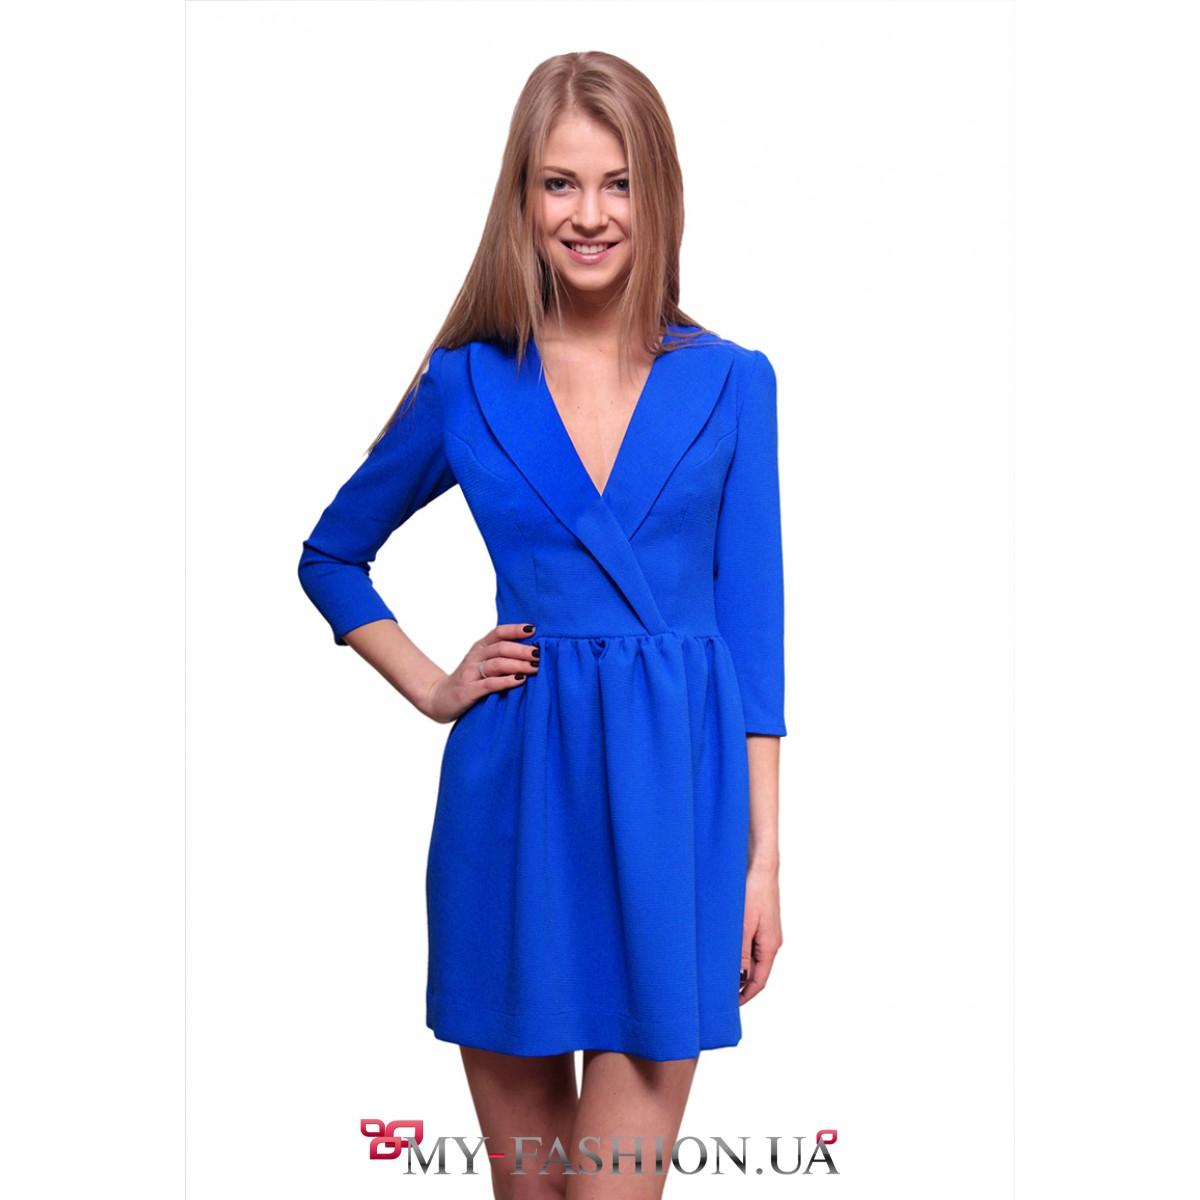 Синее Платье Короткое Купить